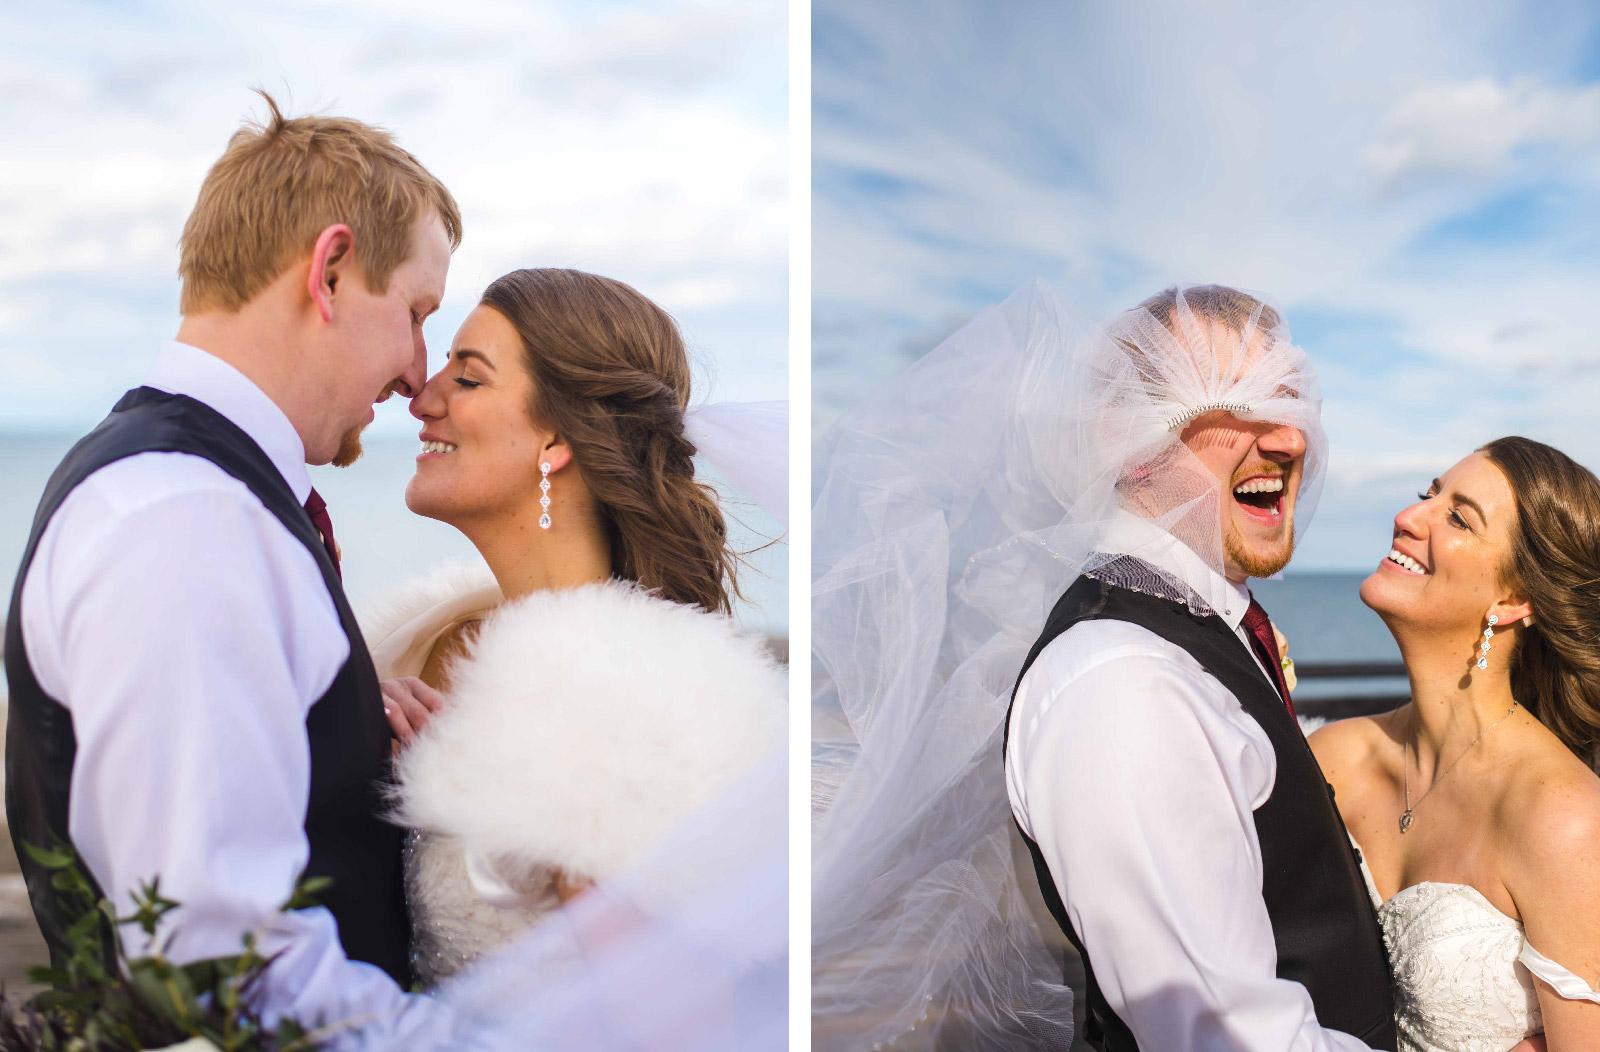 Noah Caitlin Veil Hilarious Hush Hush Photography & Film Aidan Hennebry Hamilton Wedding Photographer Videographer-01.jpg